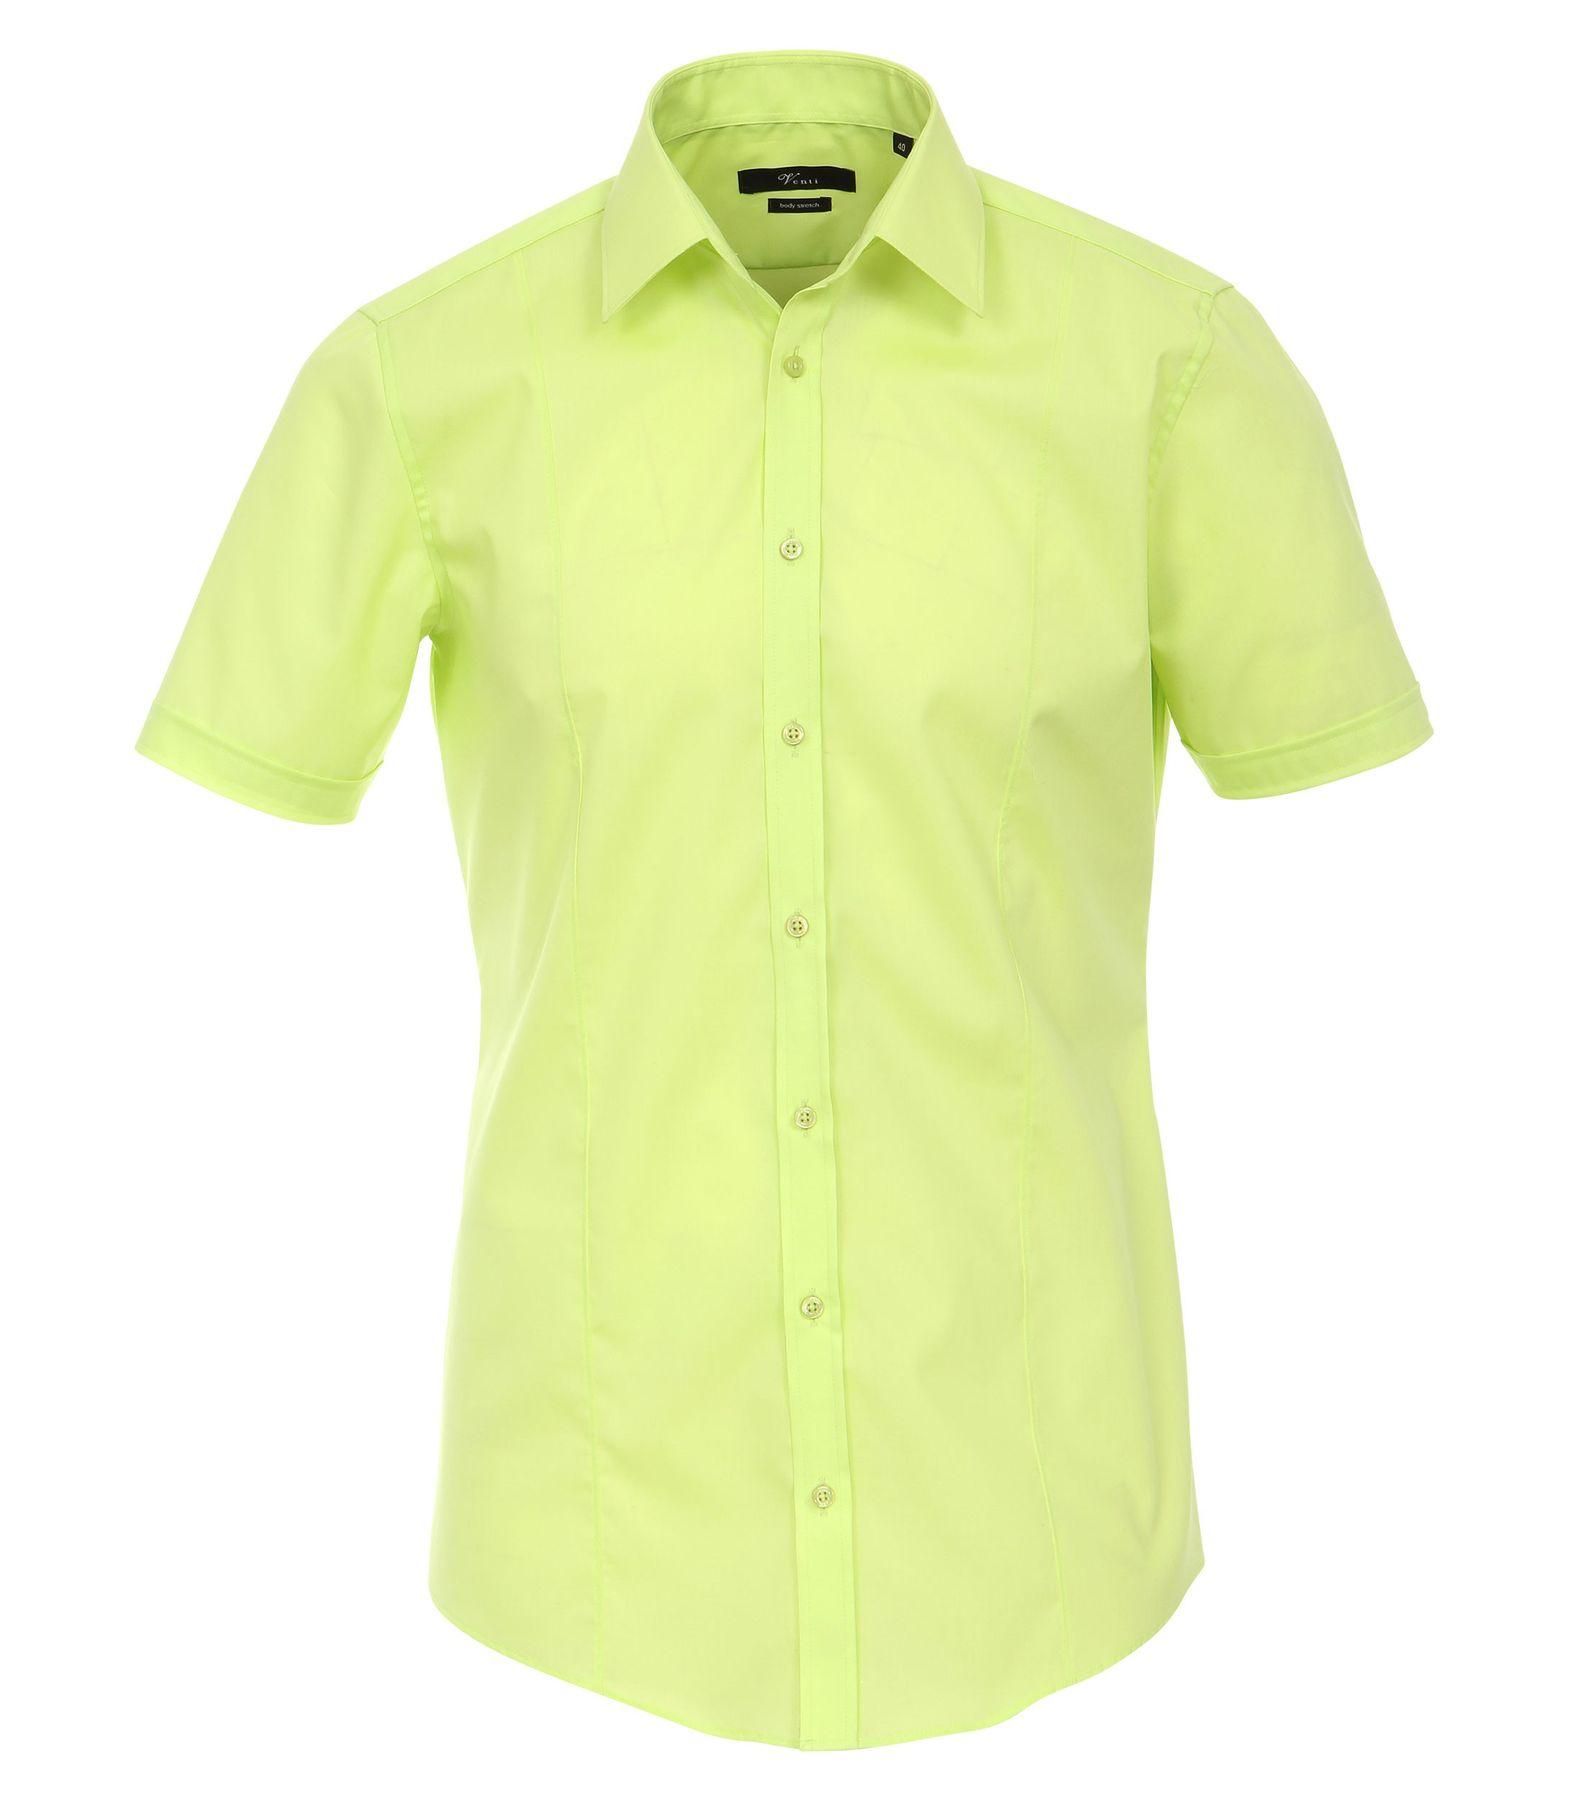 Venti - Body Stretch/ Super Slim Fit - Bügelfreies Herren Kurzarm Hemd in verschiedenen Farben (001670 A)  – Bild 6